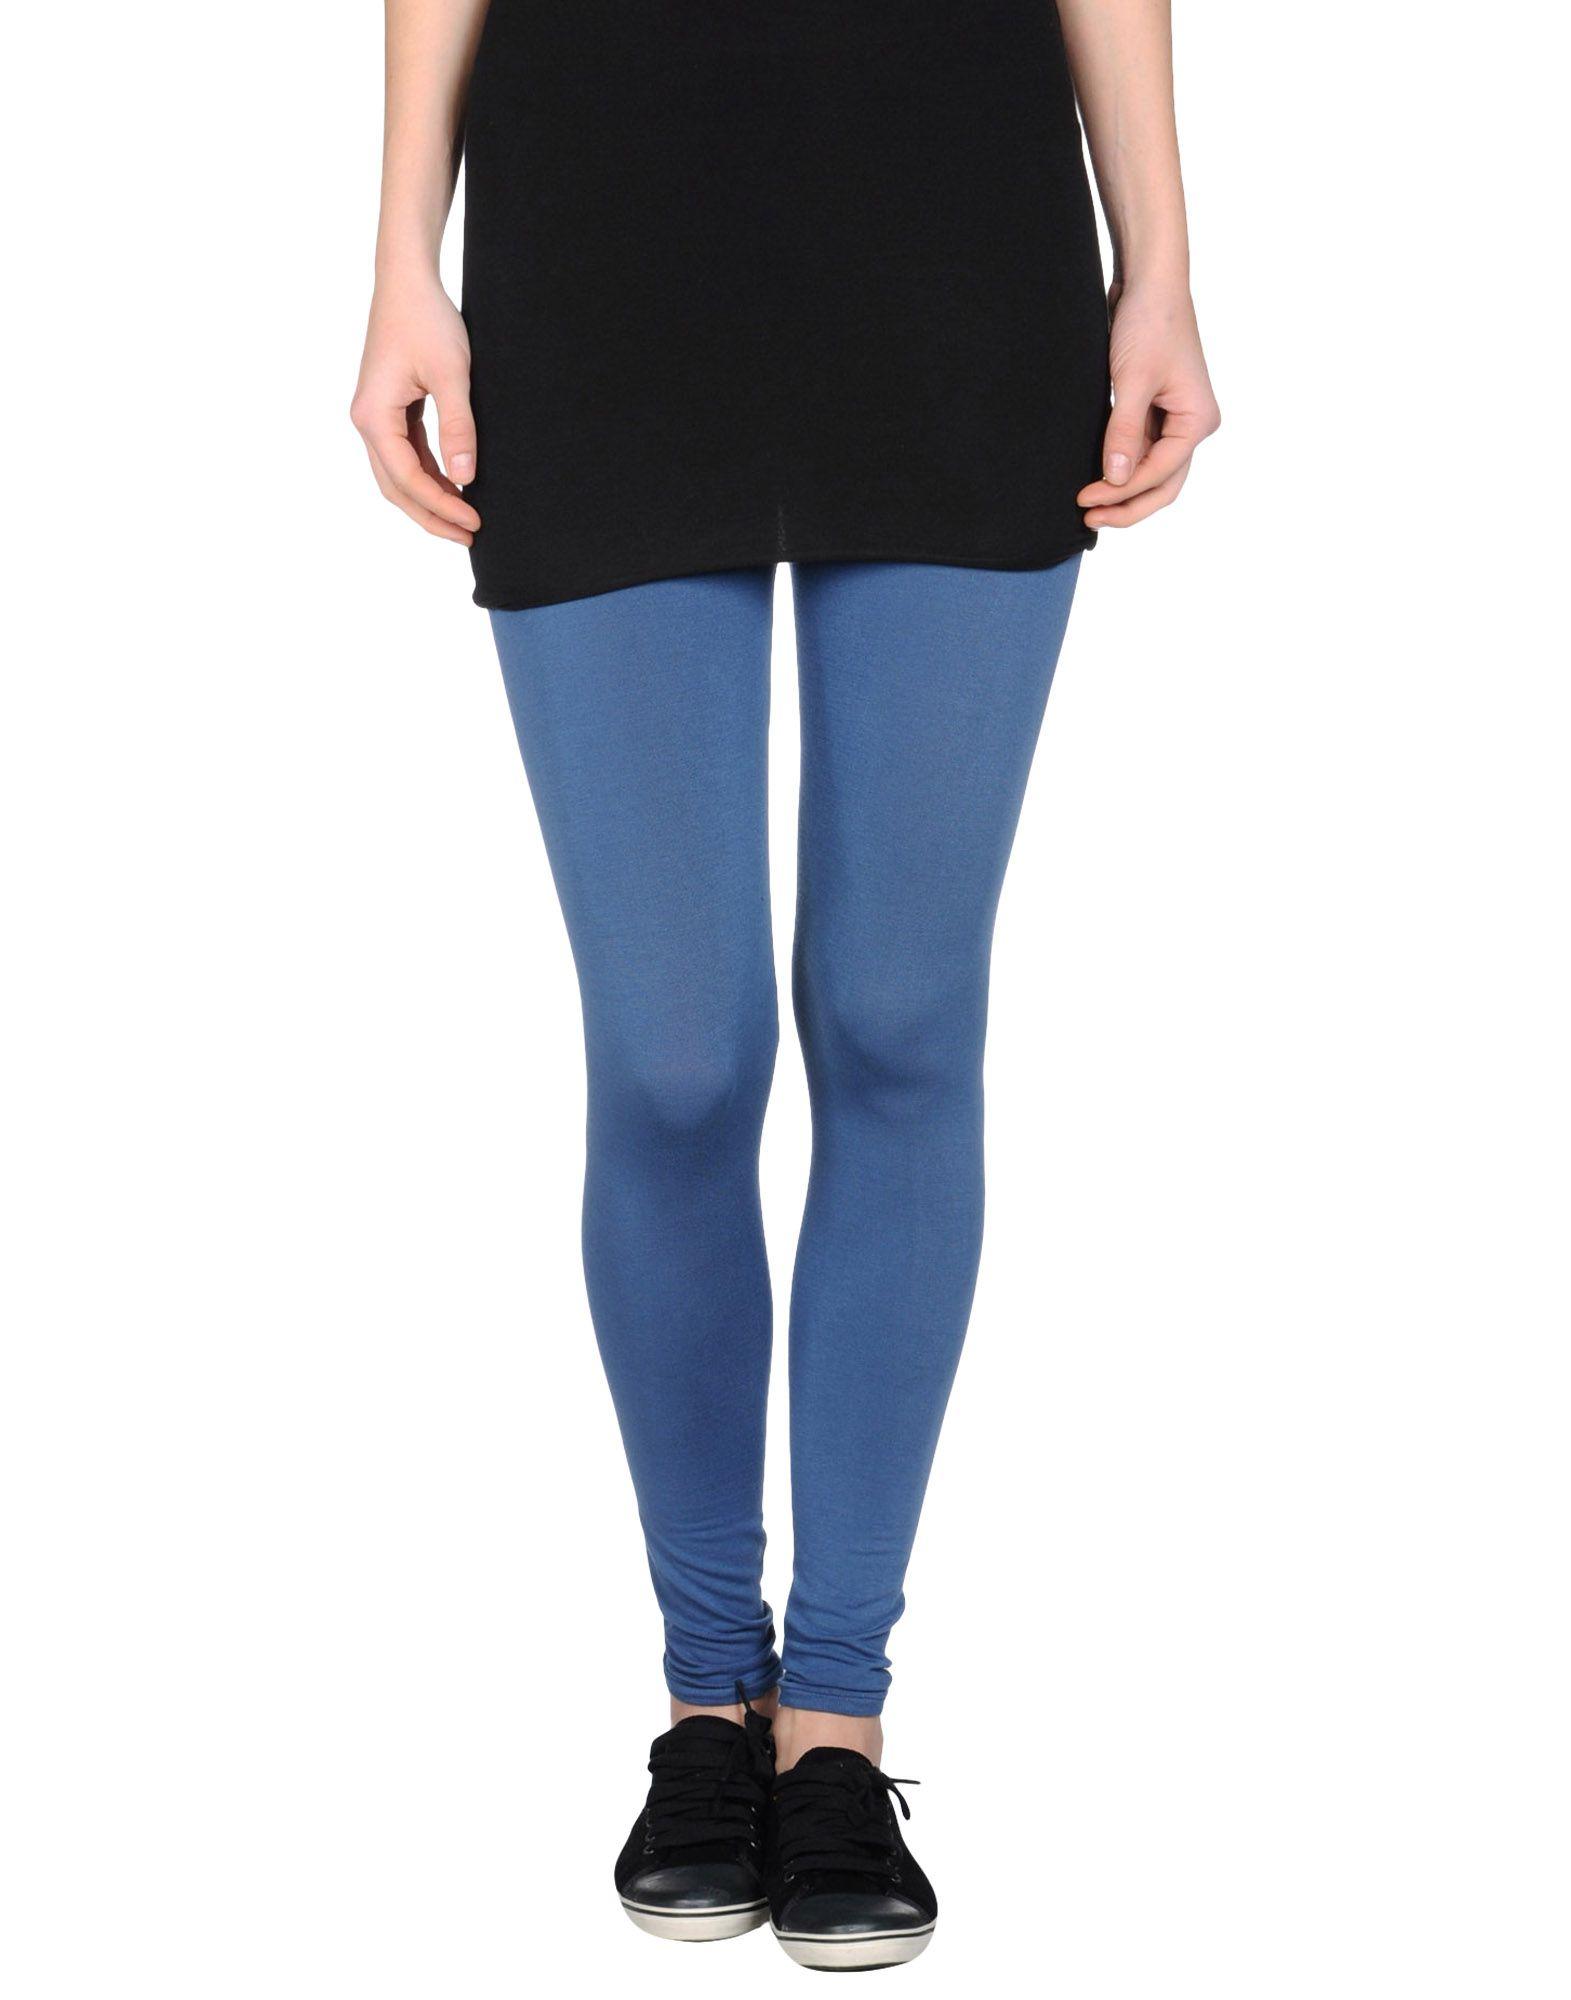 Laneus Leggings in Gray (slate blue) - Save 65% | Lyst